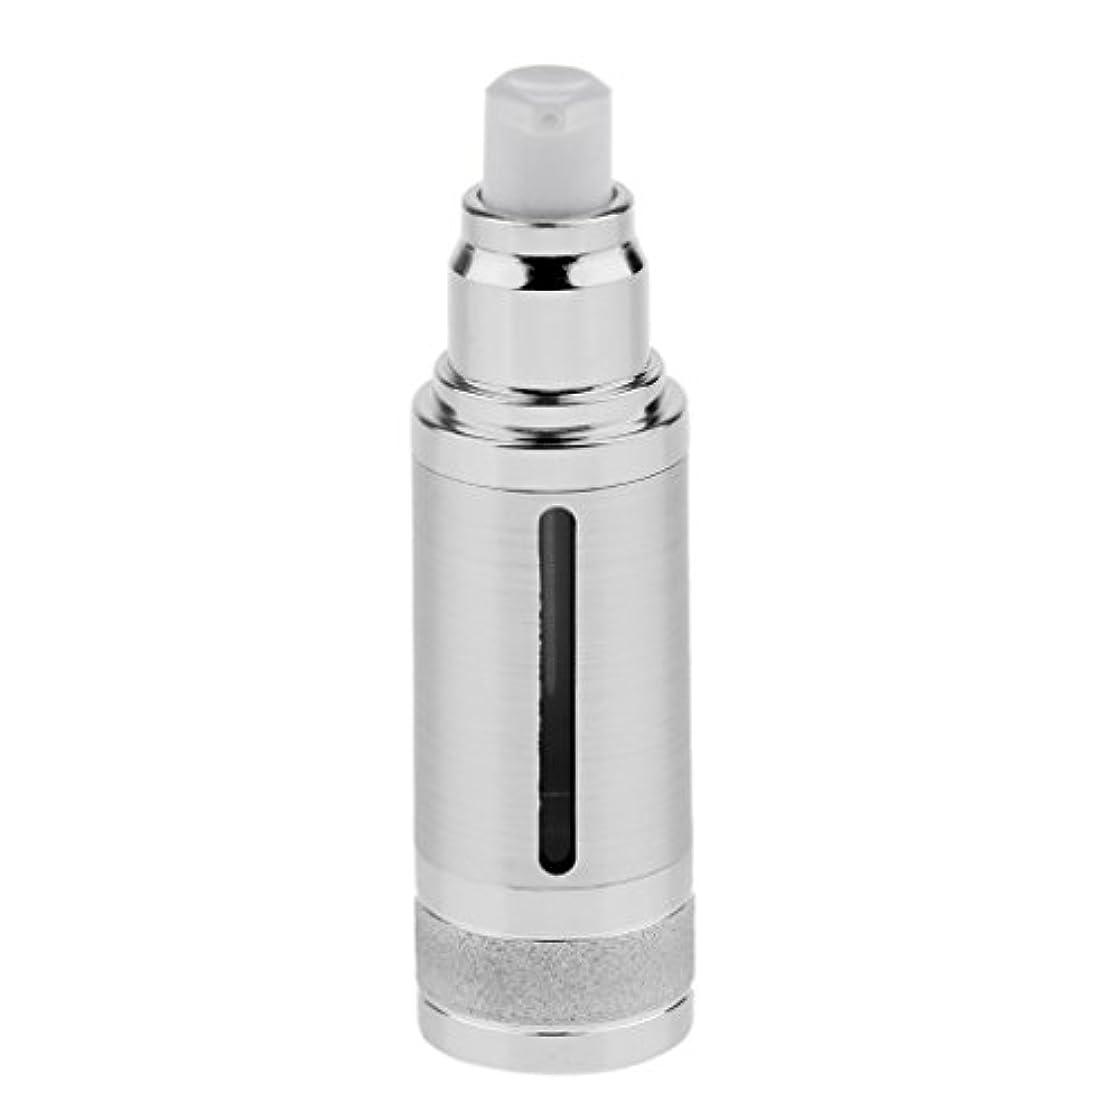 フォージチャレンジ複製ポンプボトル 空ボトル エアレスボトル 30ml 化粧品 コスメ 香水 オイル 詰替え 容器 DIY 2色選べる - 銀